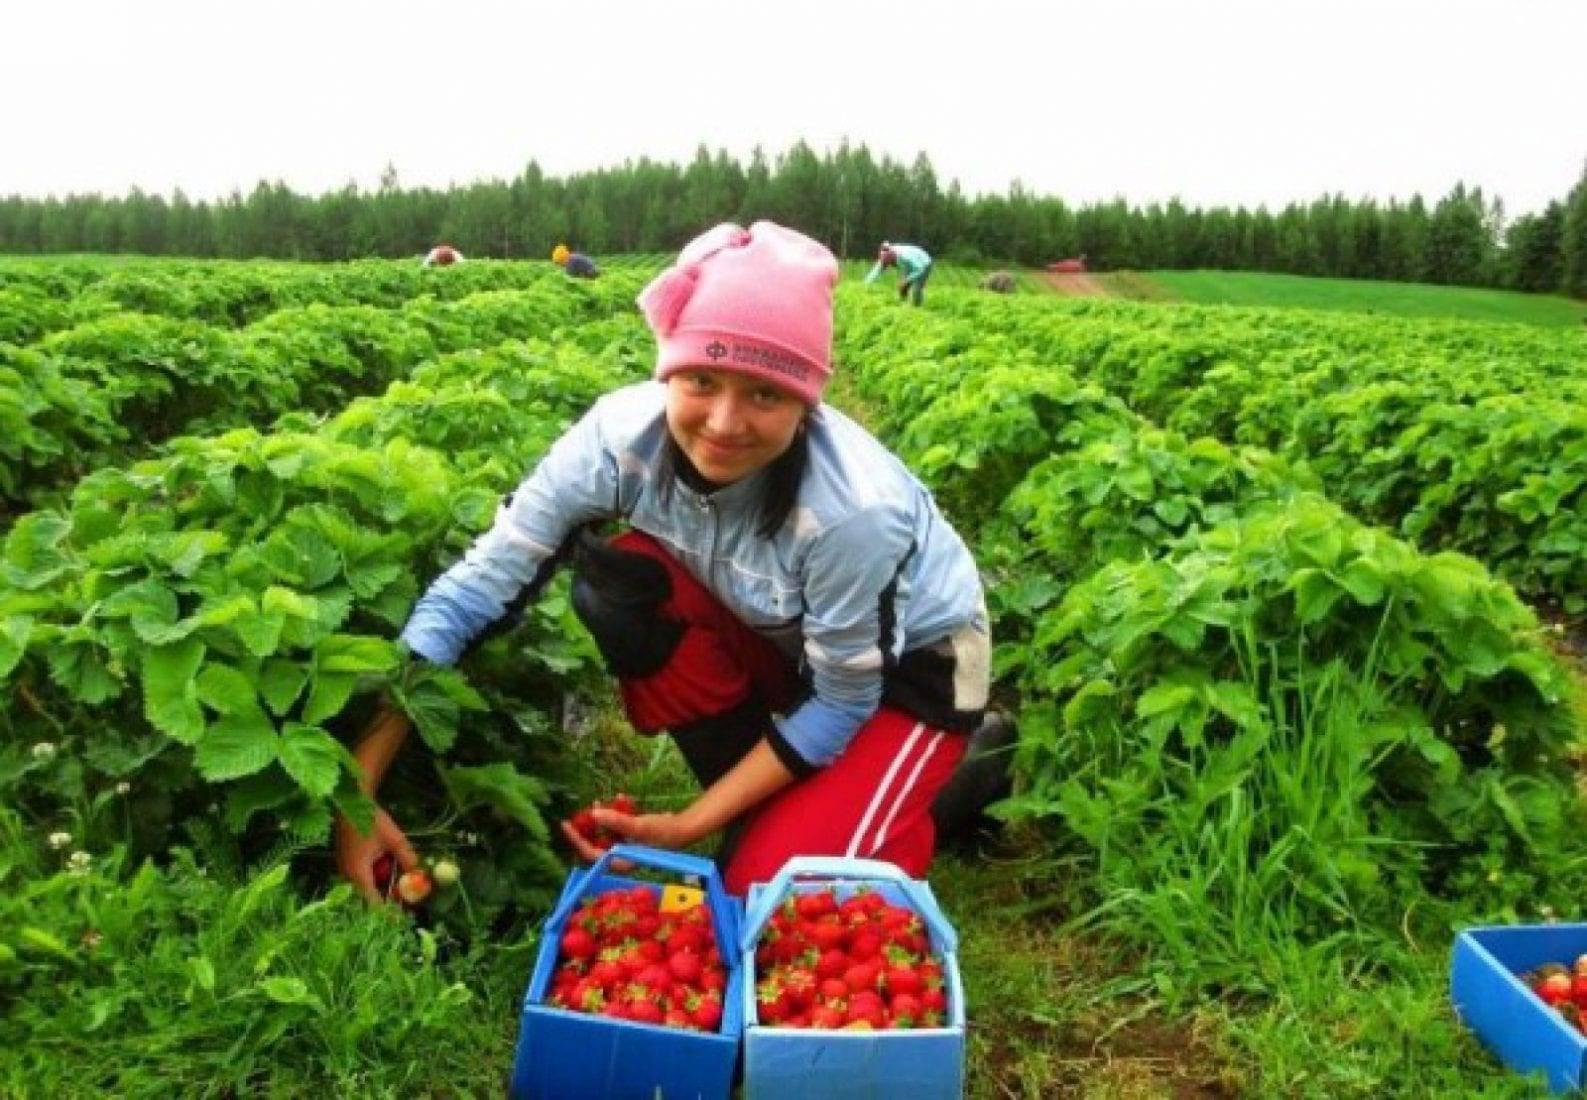 Как найти работу в польше для белорусов: вакансии